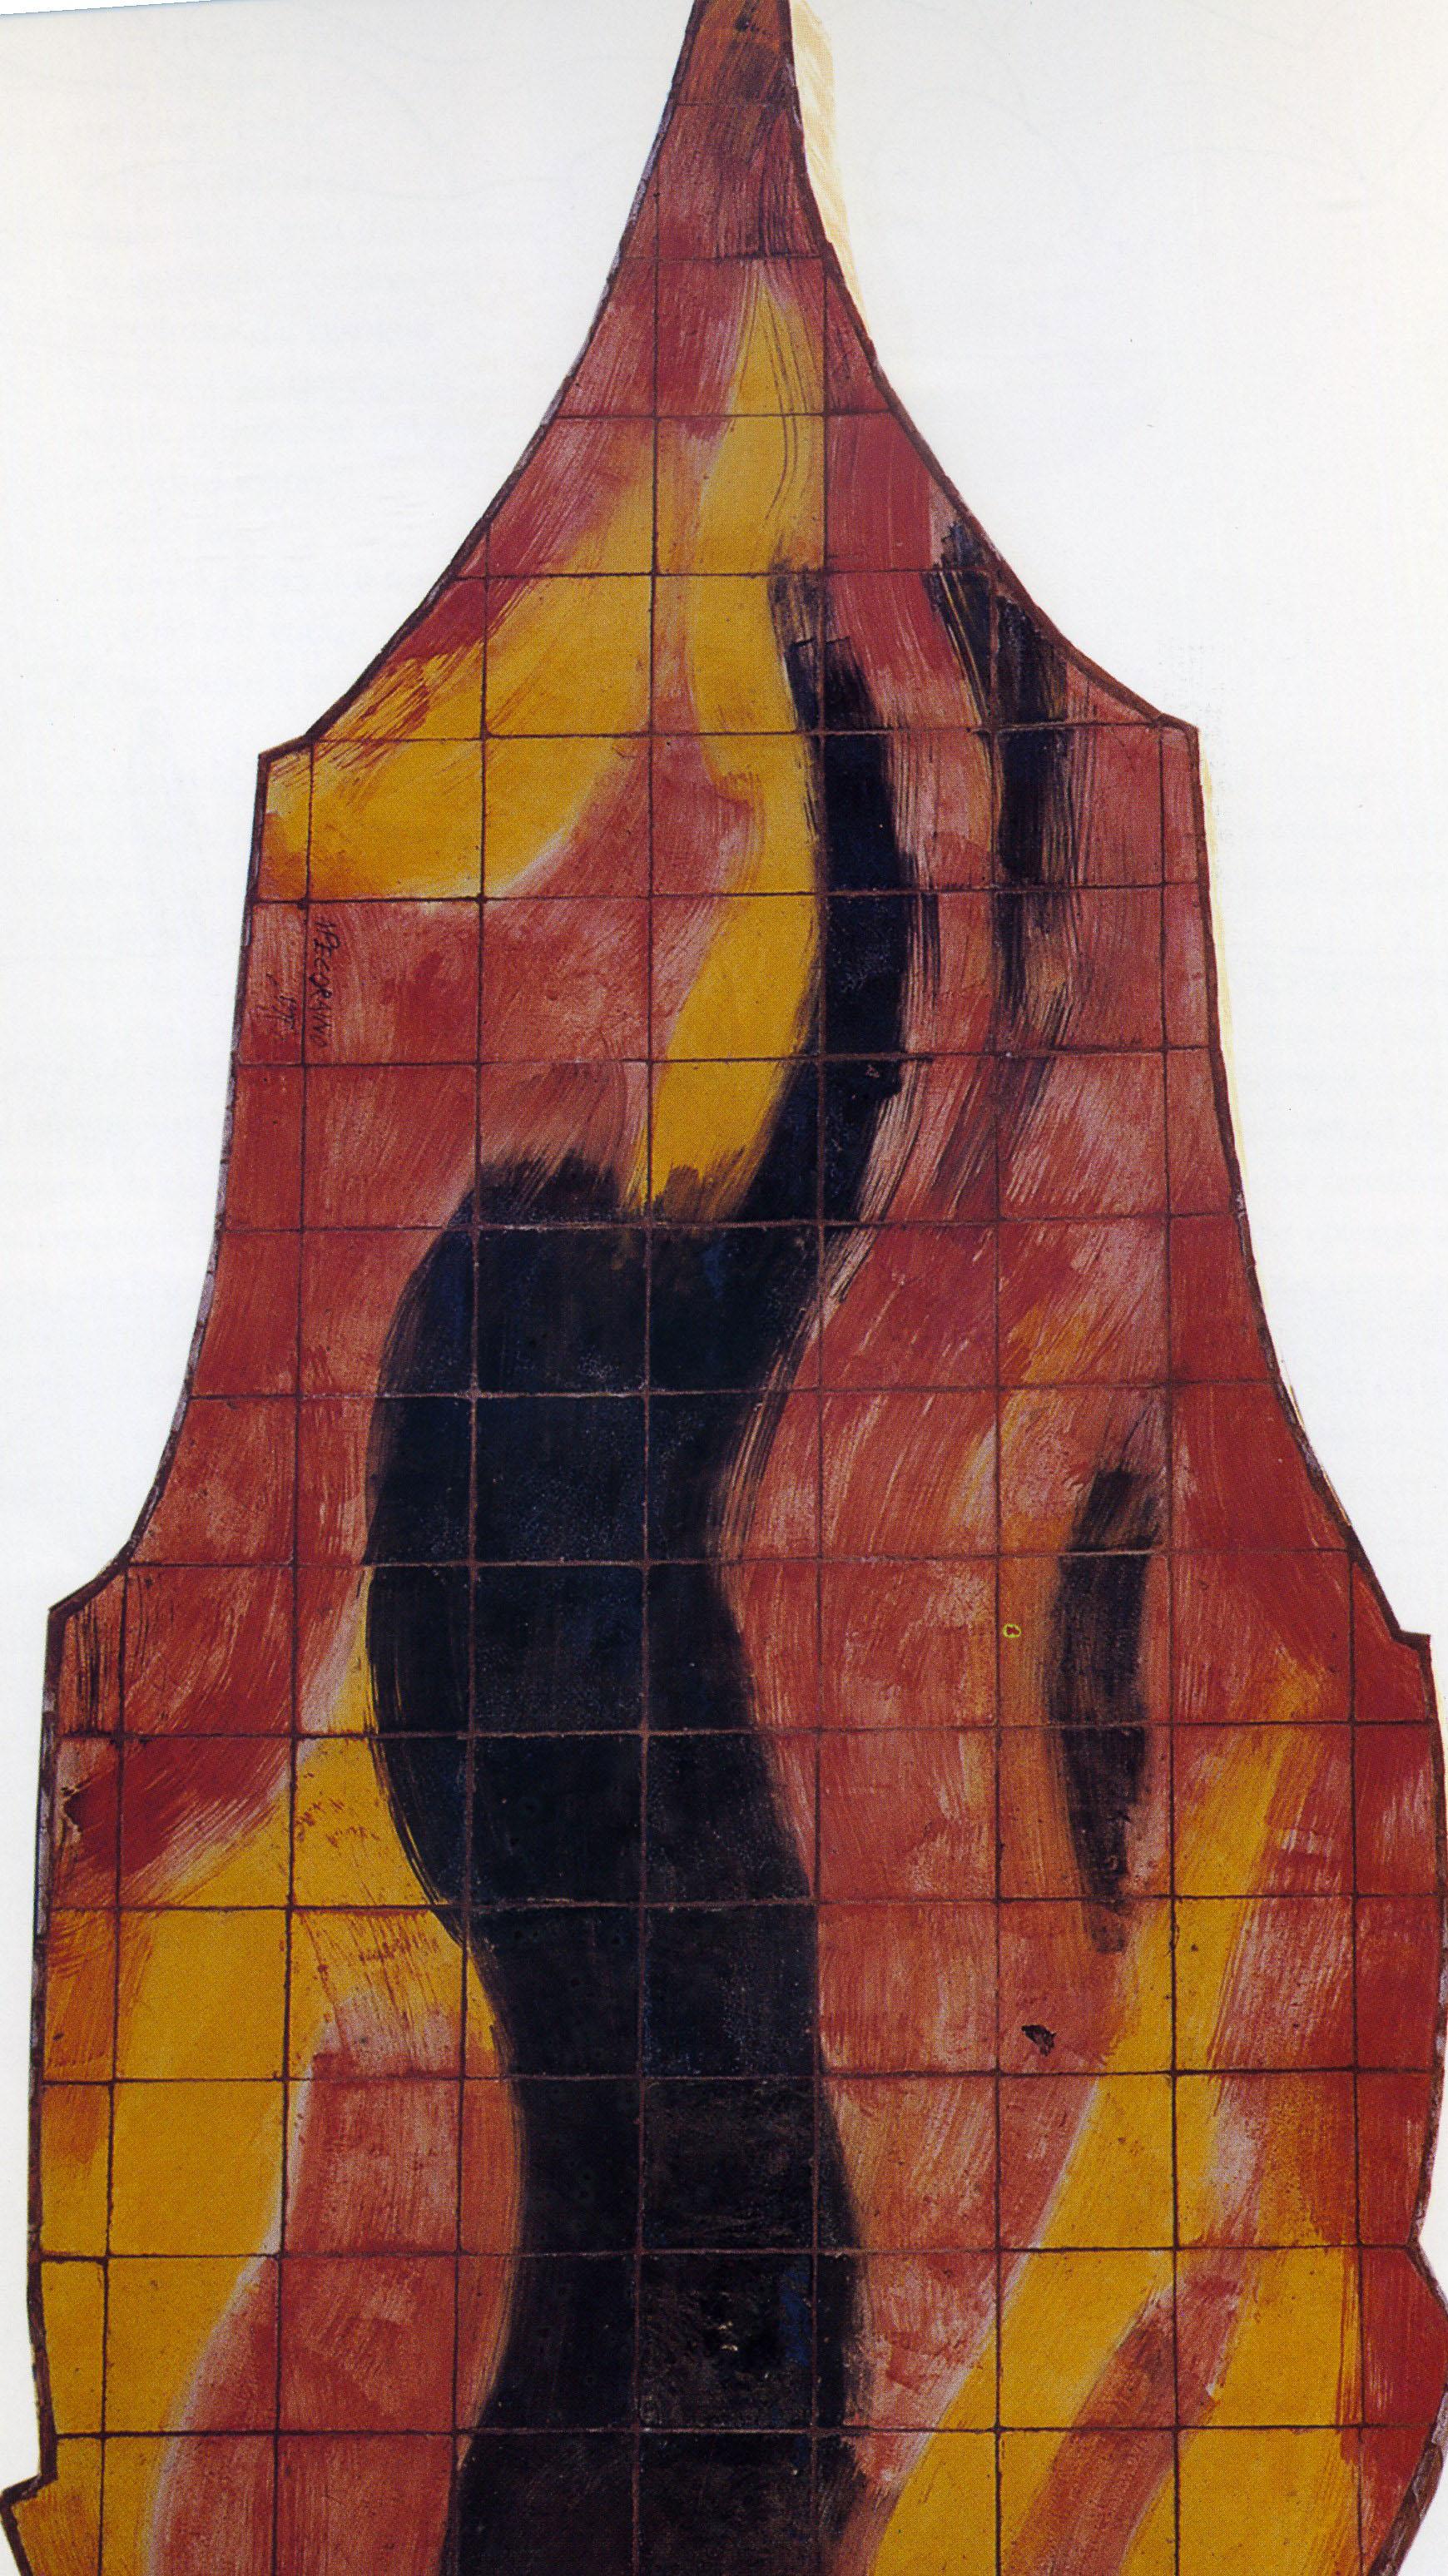 Mario Pecoraino - Monumento ai caduti, Fiamma